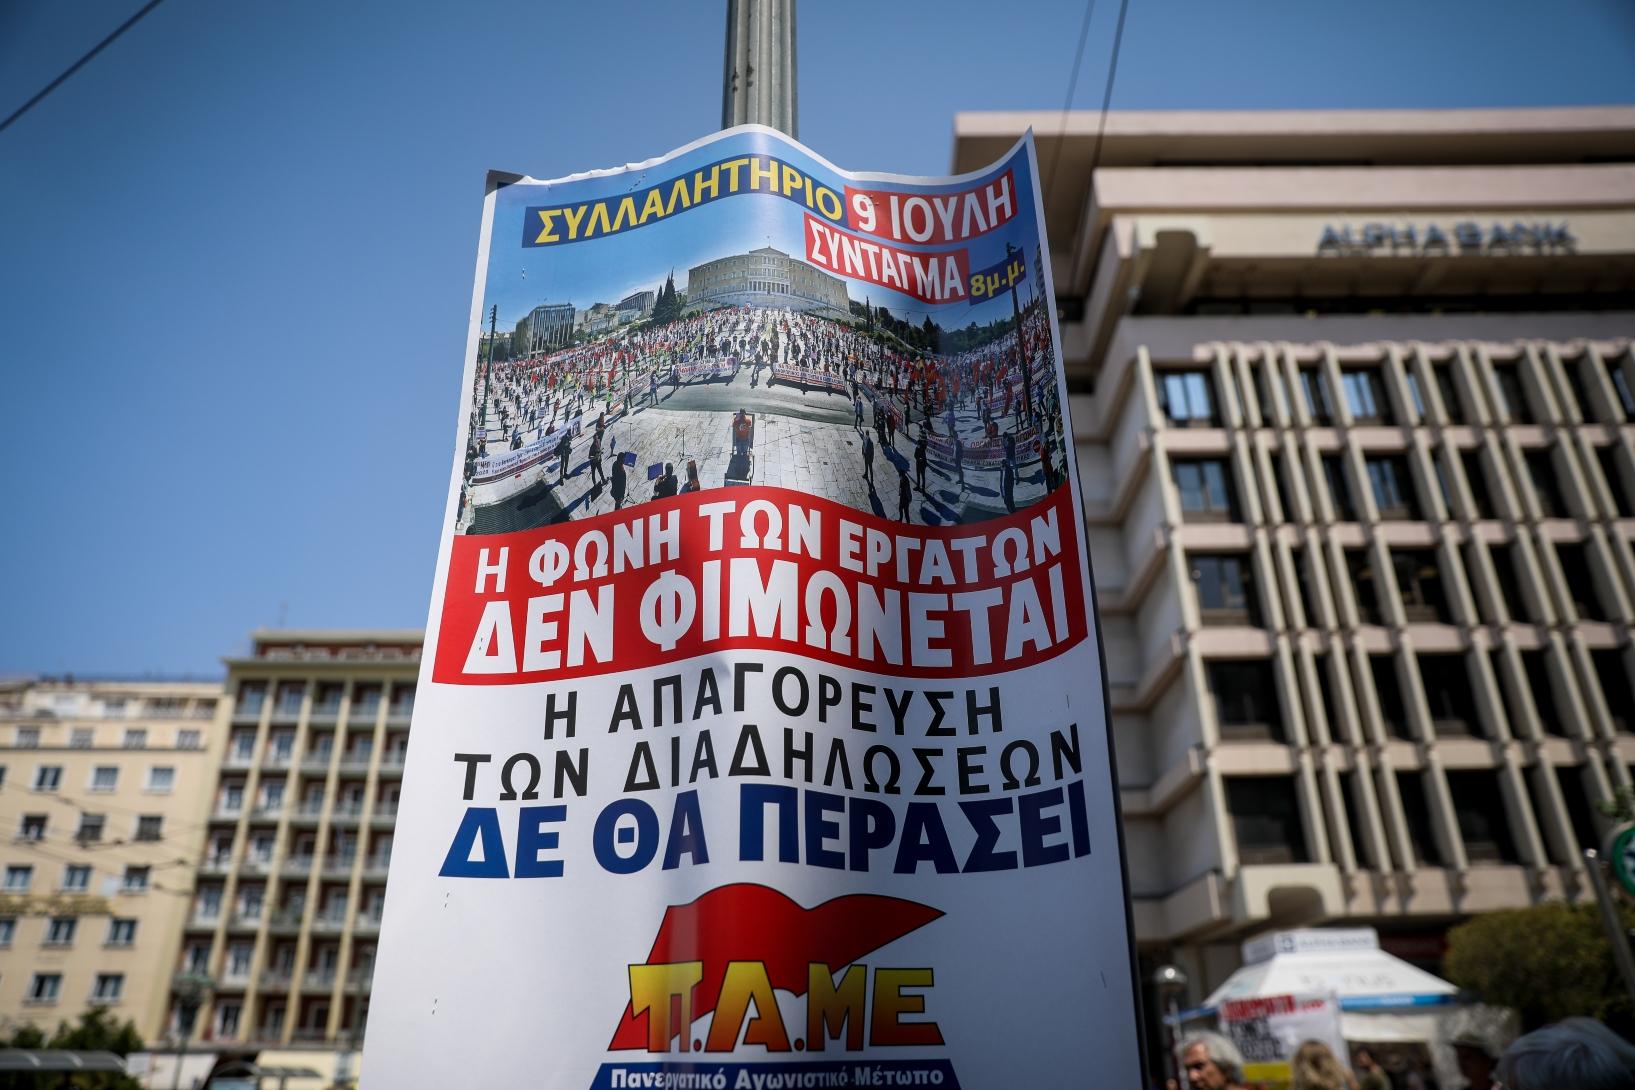 Η απαγόρευση διαδηλώσεων έφερε… διαδηλώσεις